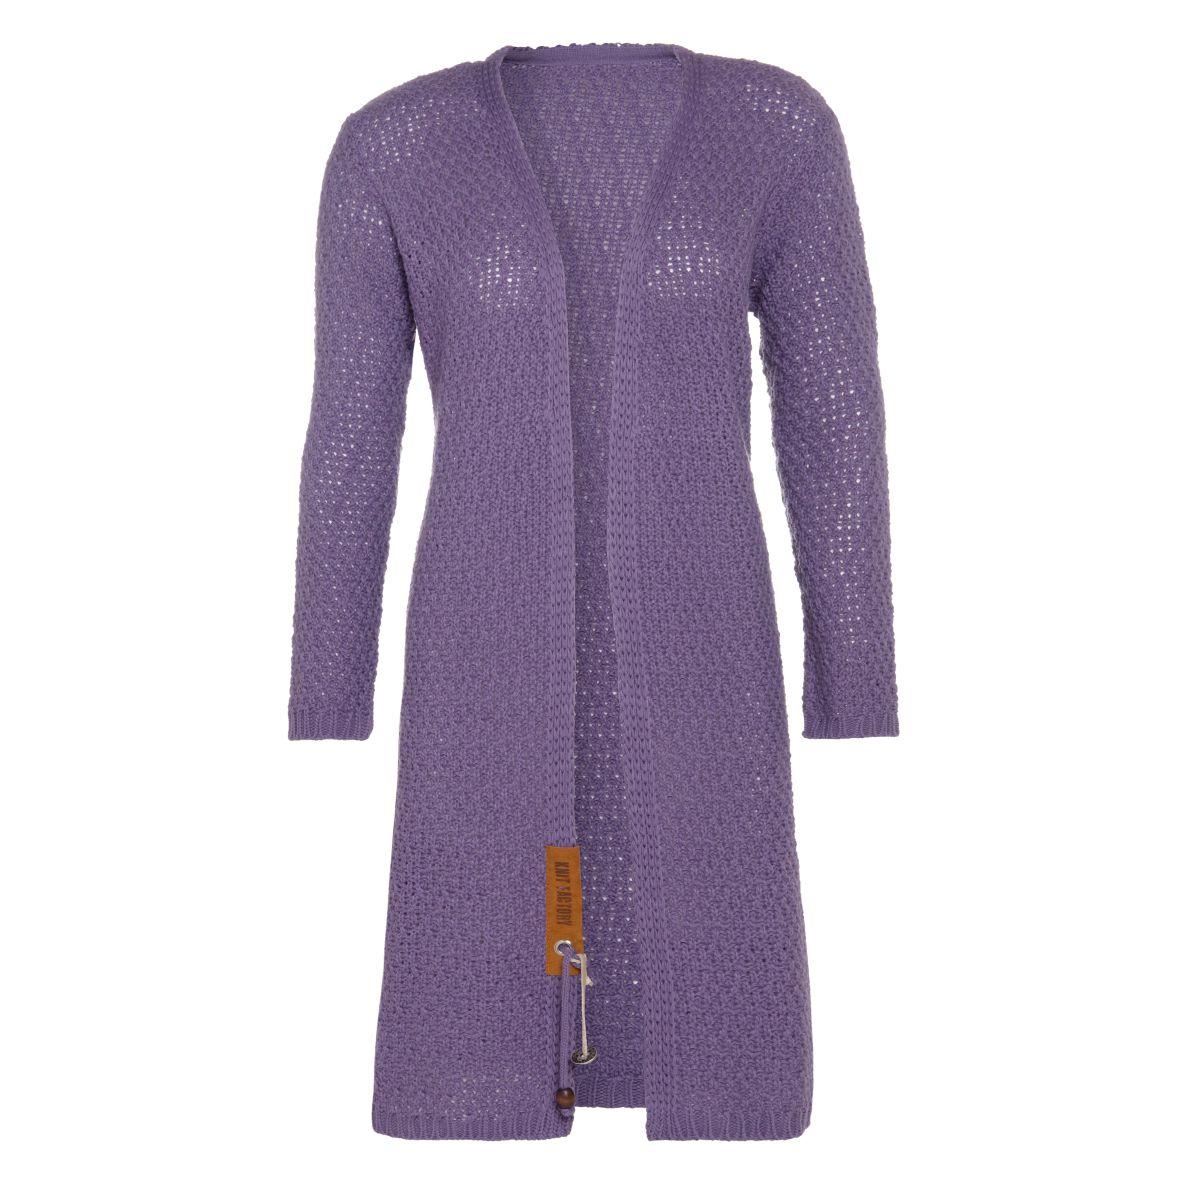 knit factory kf13308204349 luna vest violet 3638 1